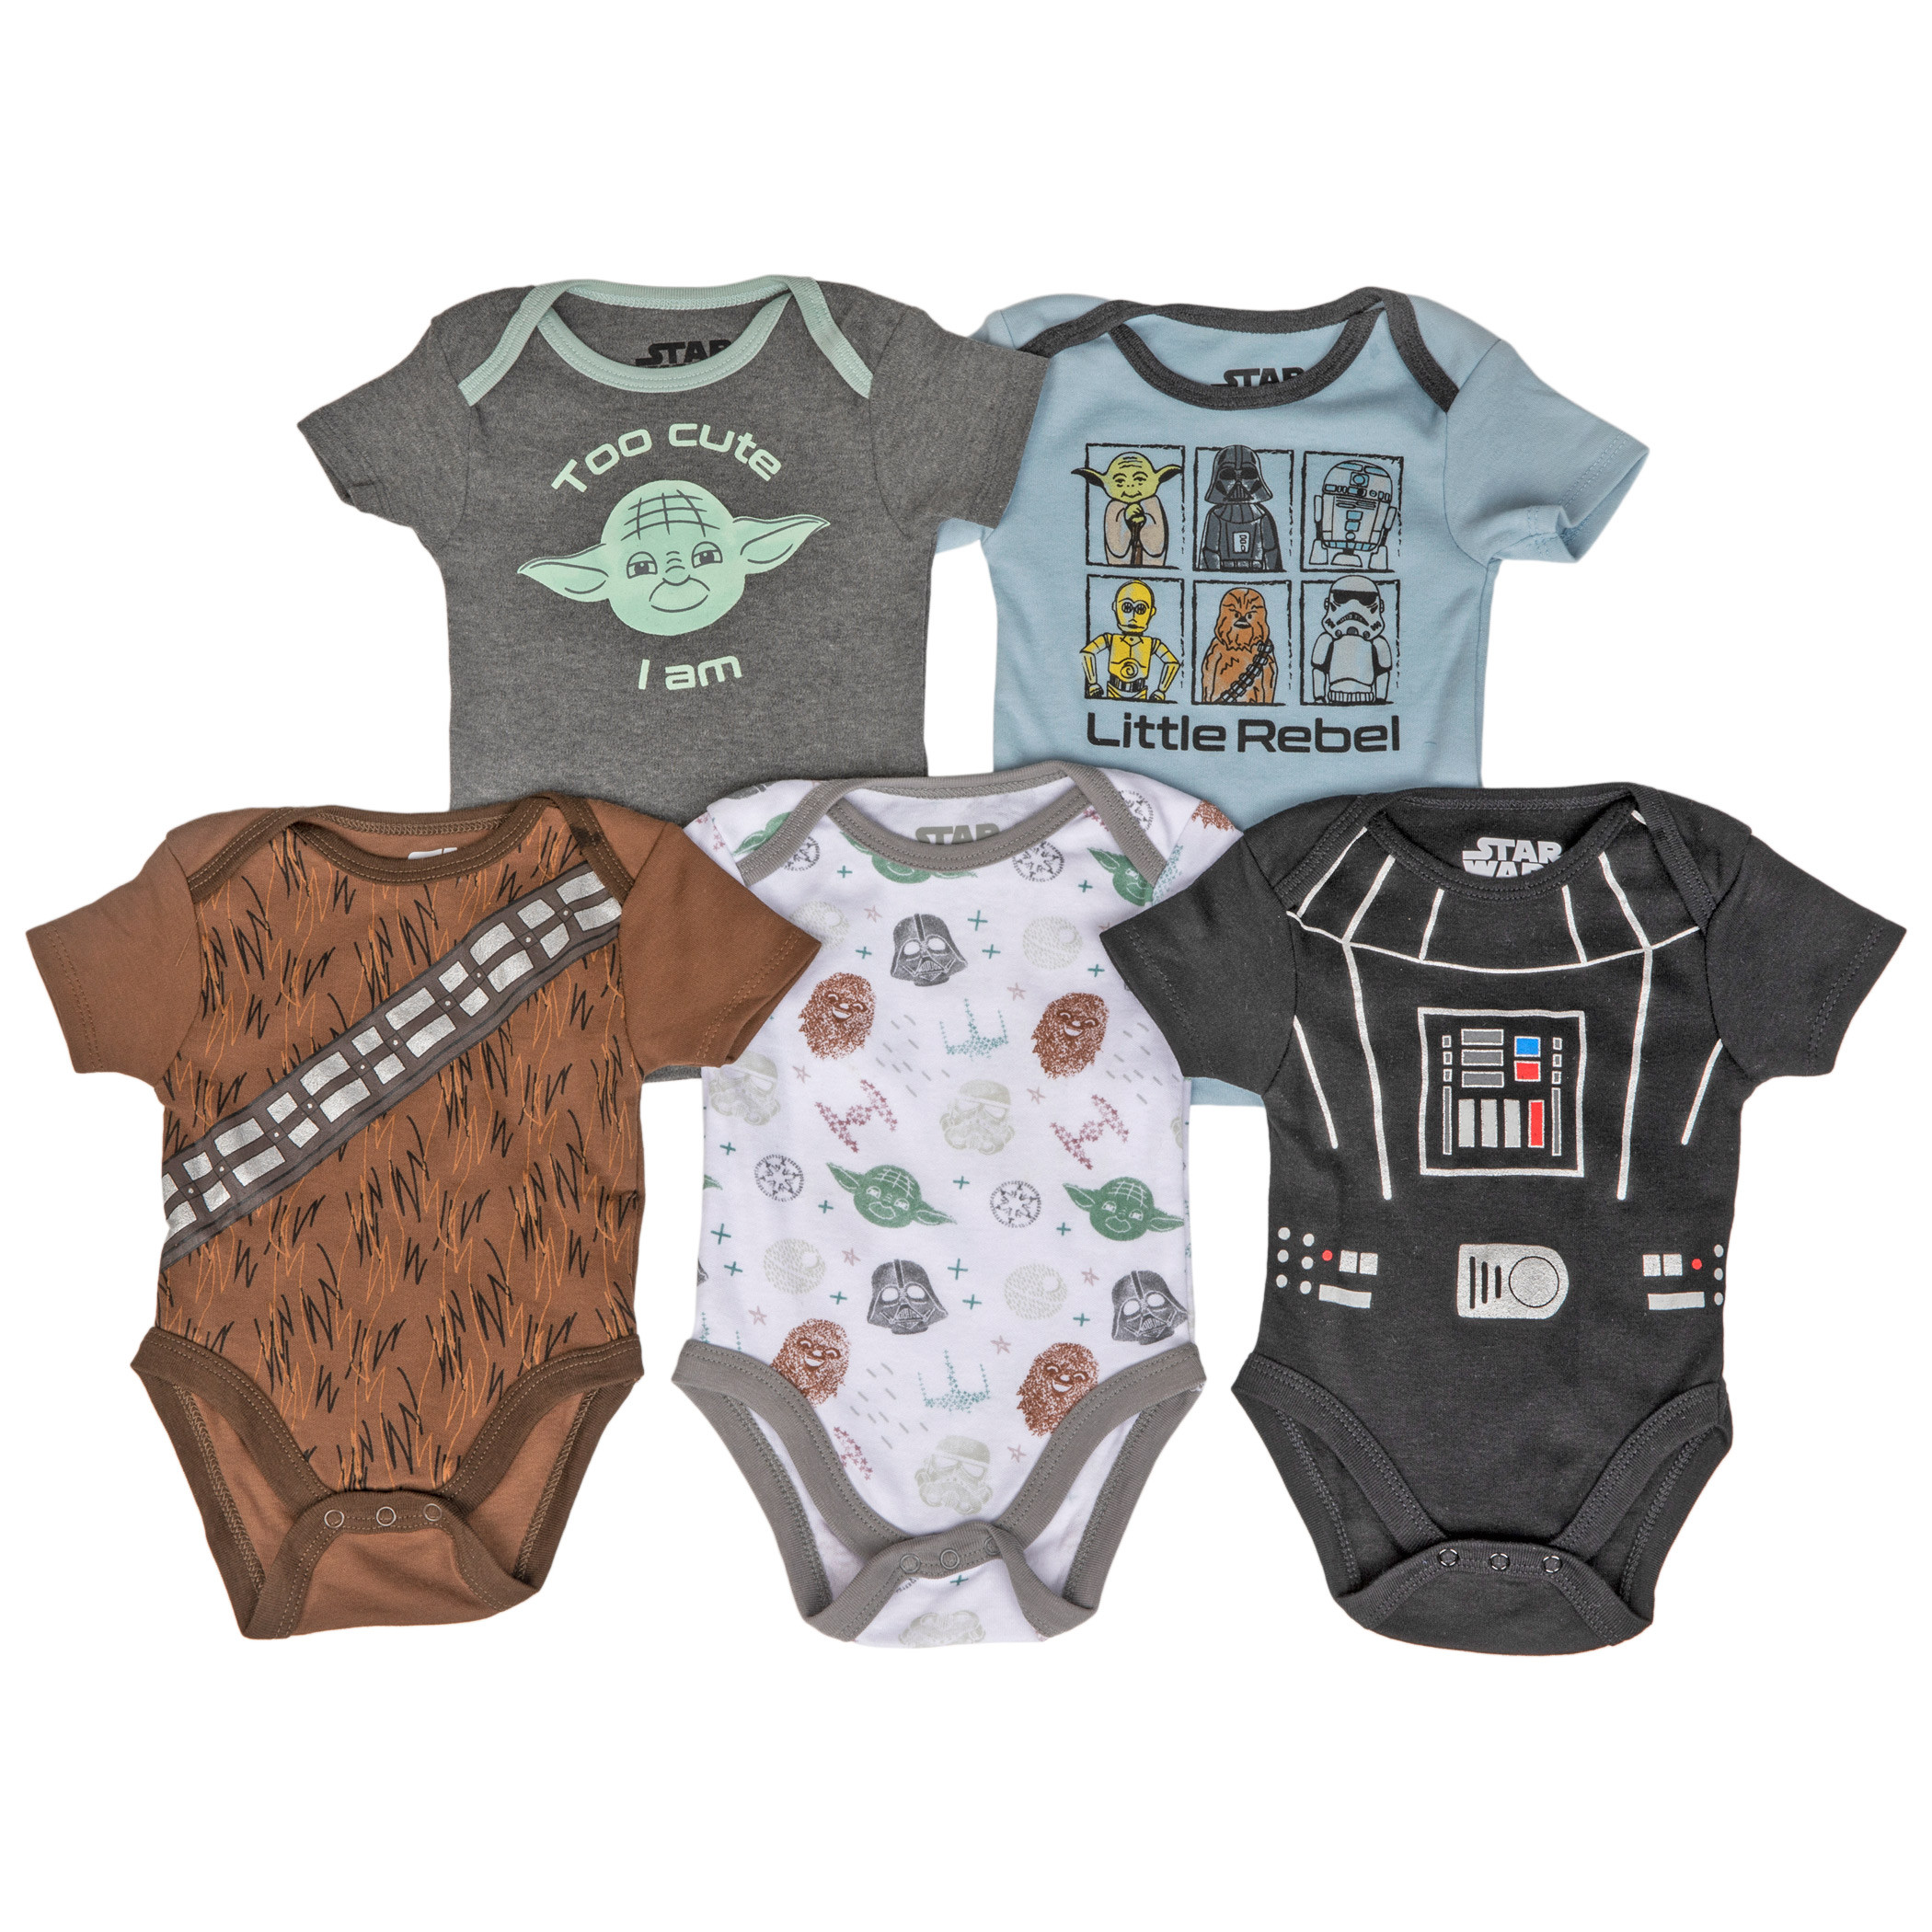 Star Wars 5-Piece Infant Snapsuit Set